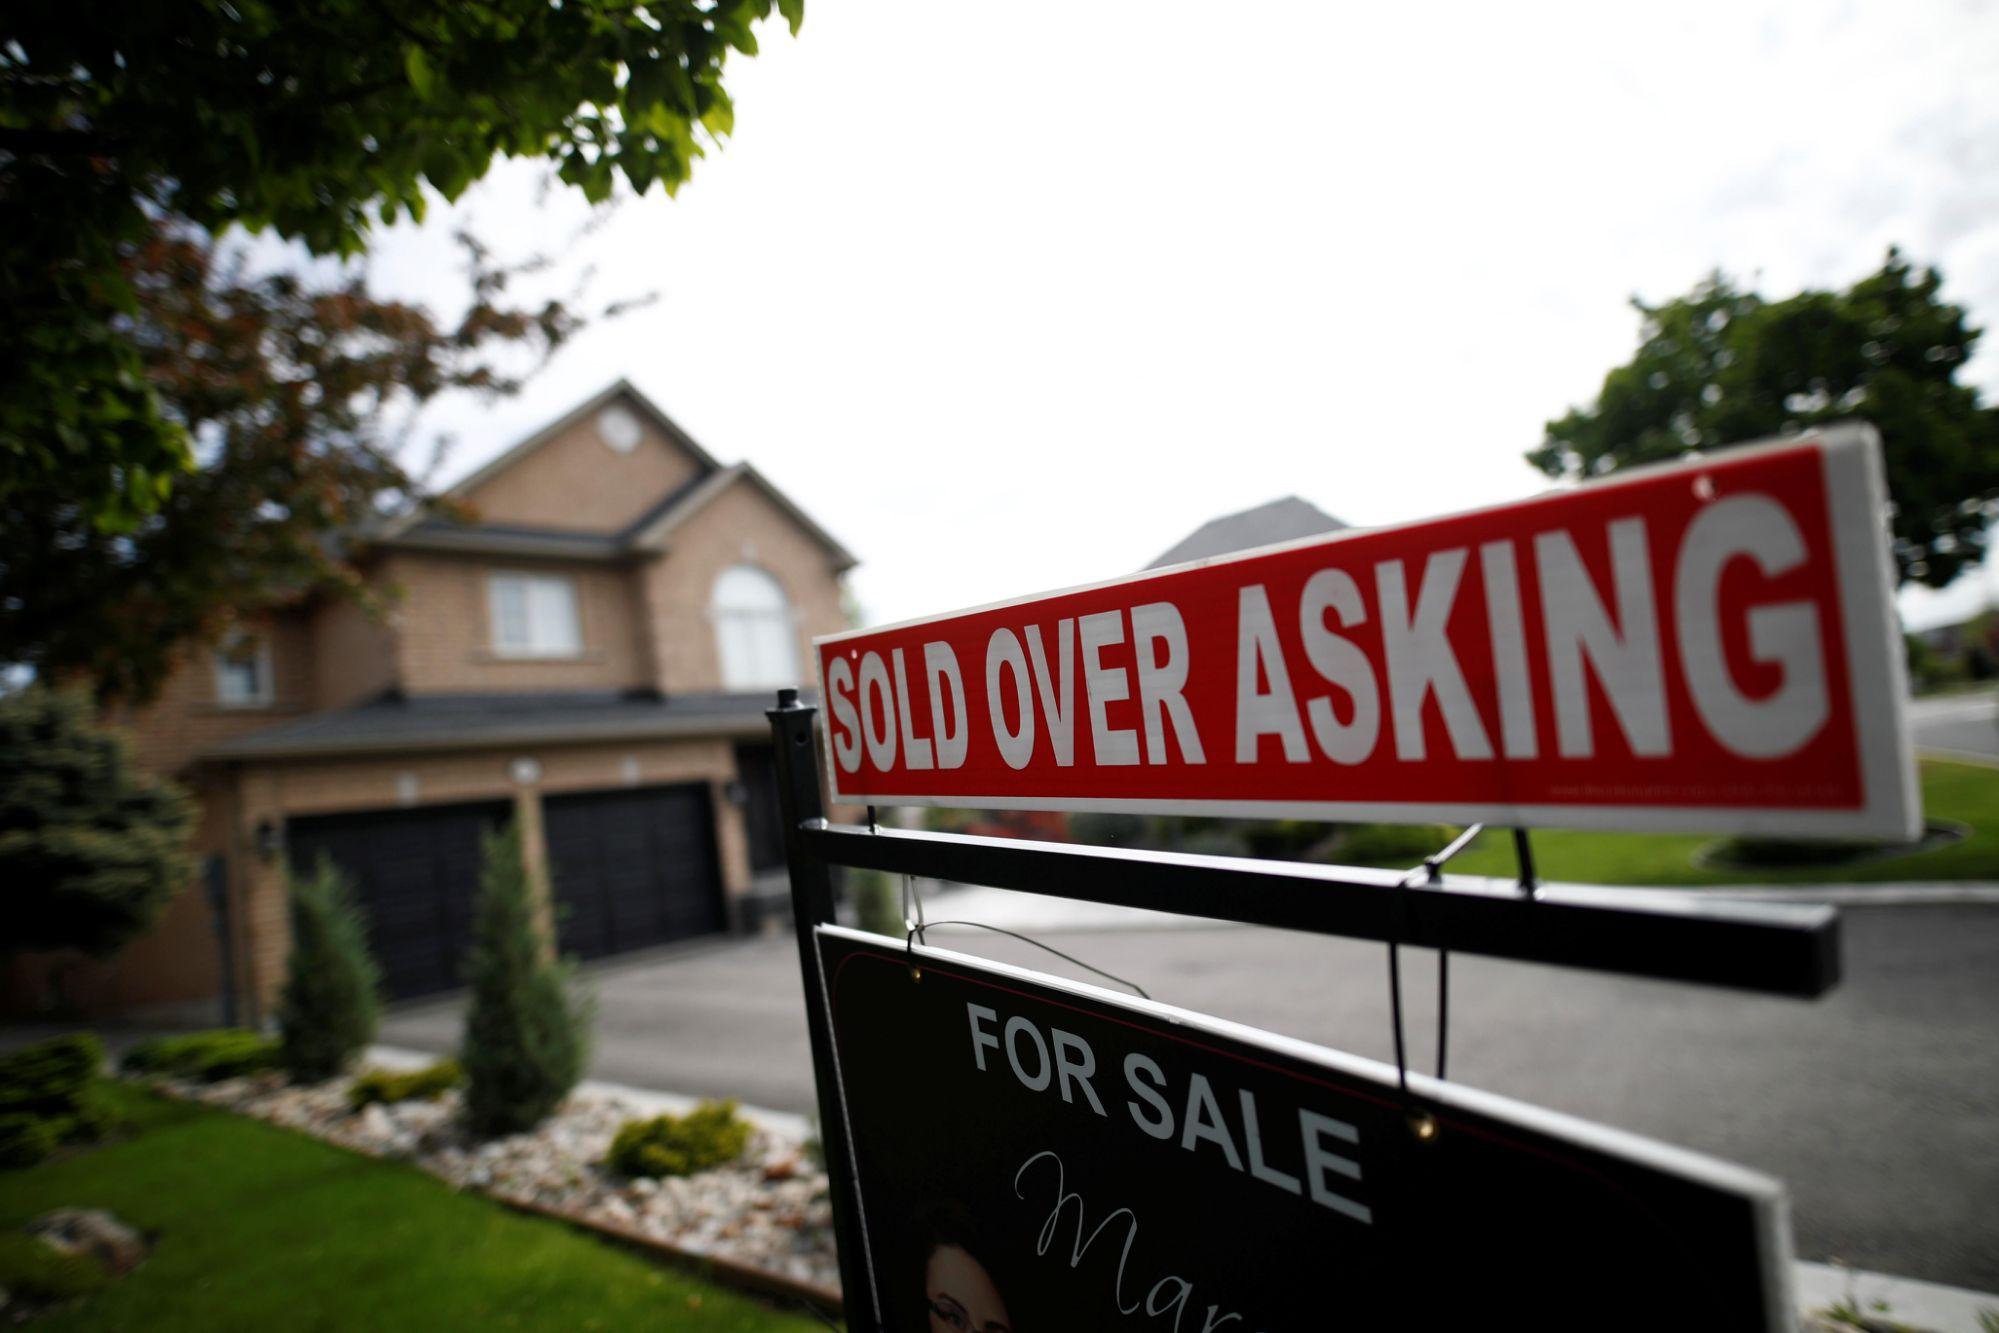 رکورد تازه فروش مسکن کانادا در ژانویه ،قیمتها را به بالاترین سطح رساند